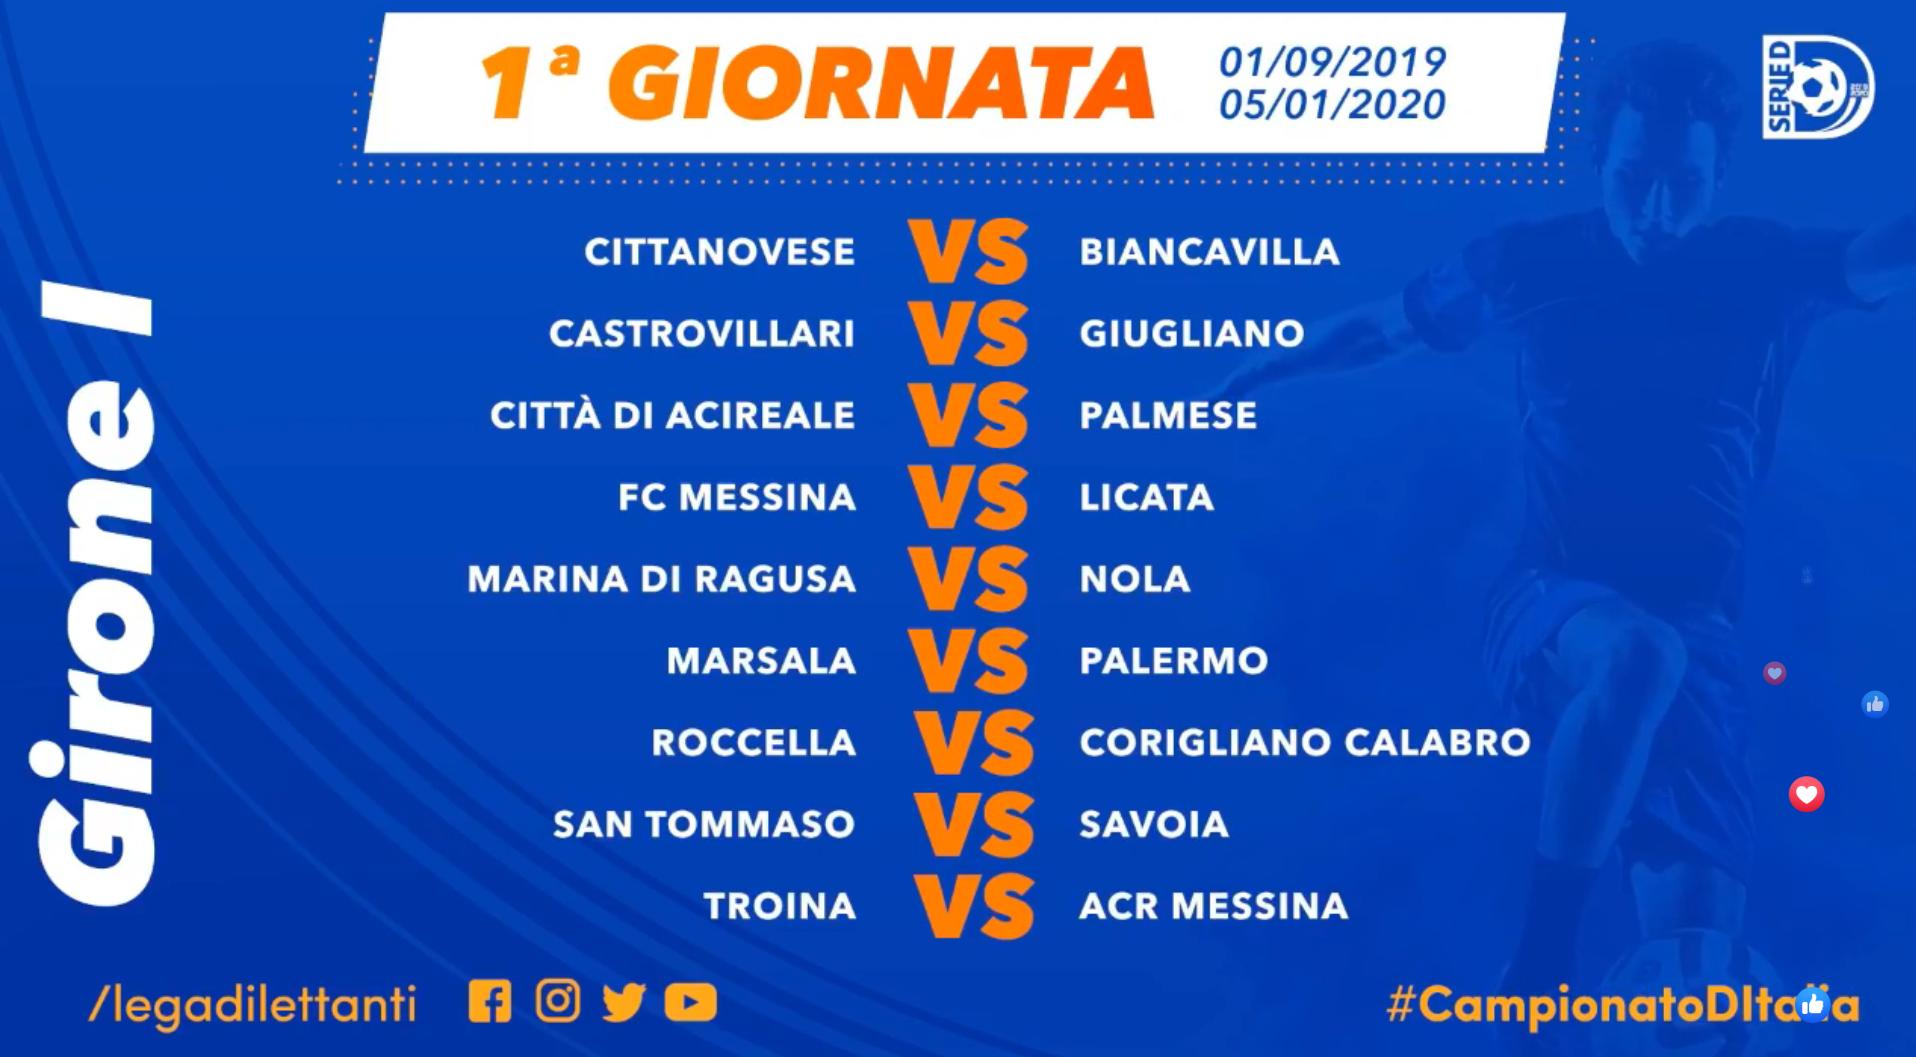 Calendario Campionato Di Calcio.Ecco Il Calendario Della Serie D Palermo All Esordio A